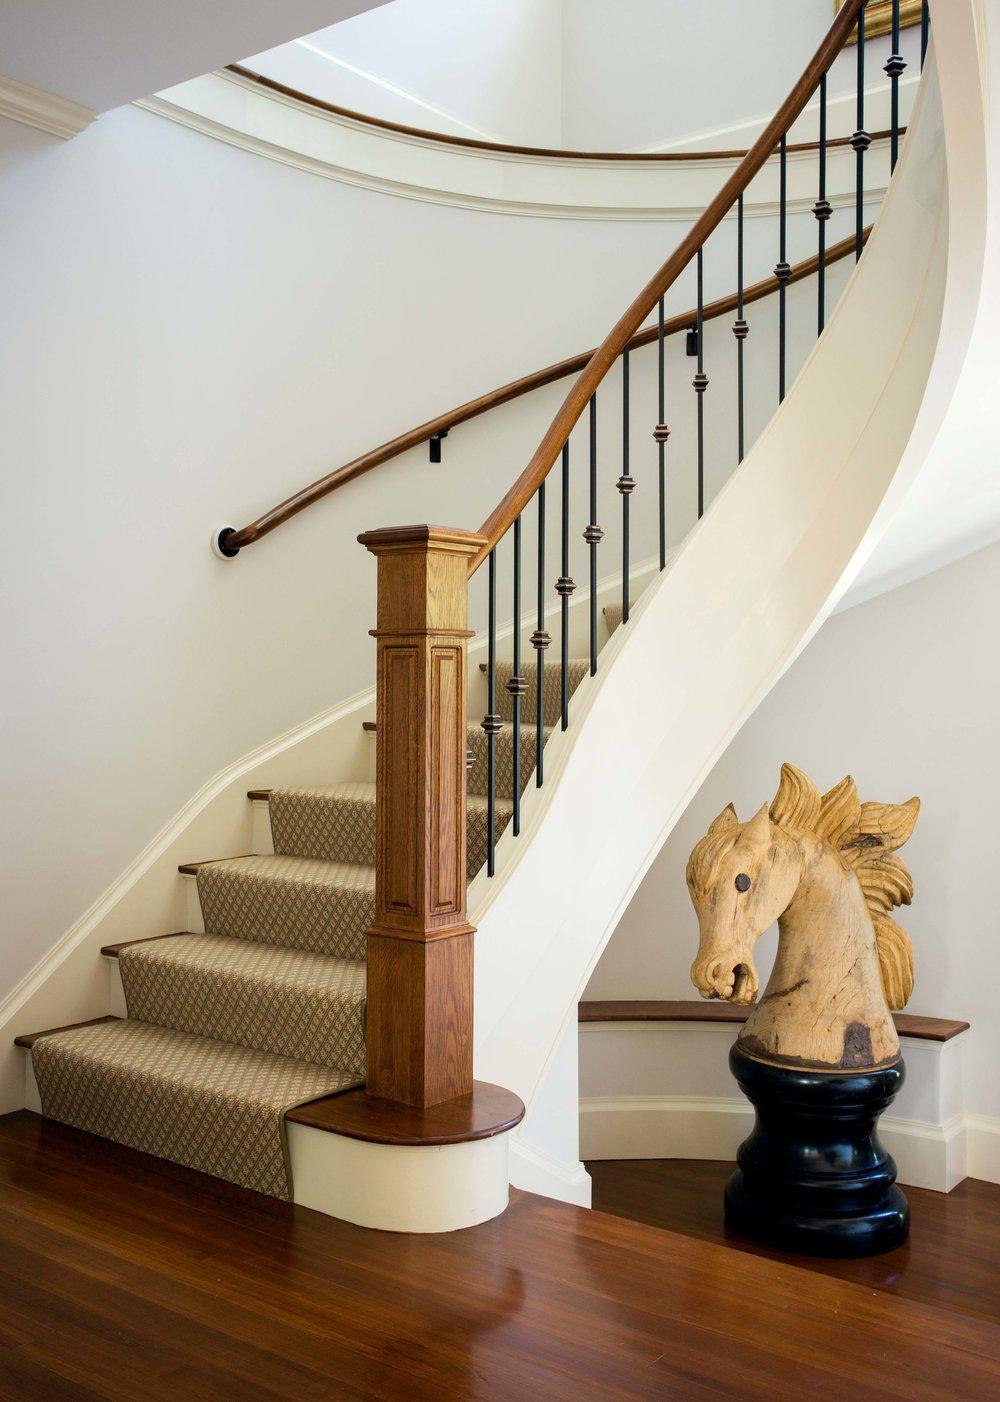 PDR Brookline 6 14 stairs 4.jpg